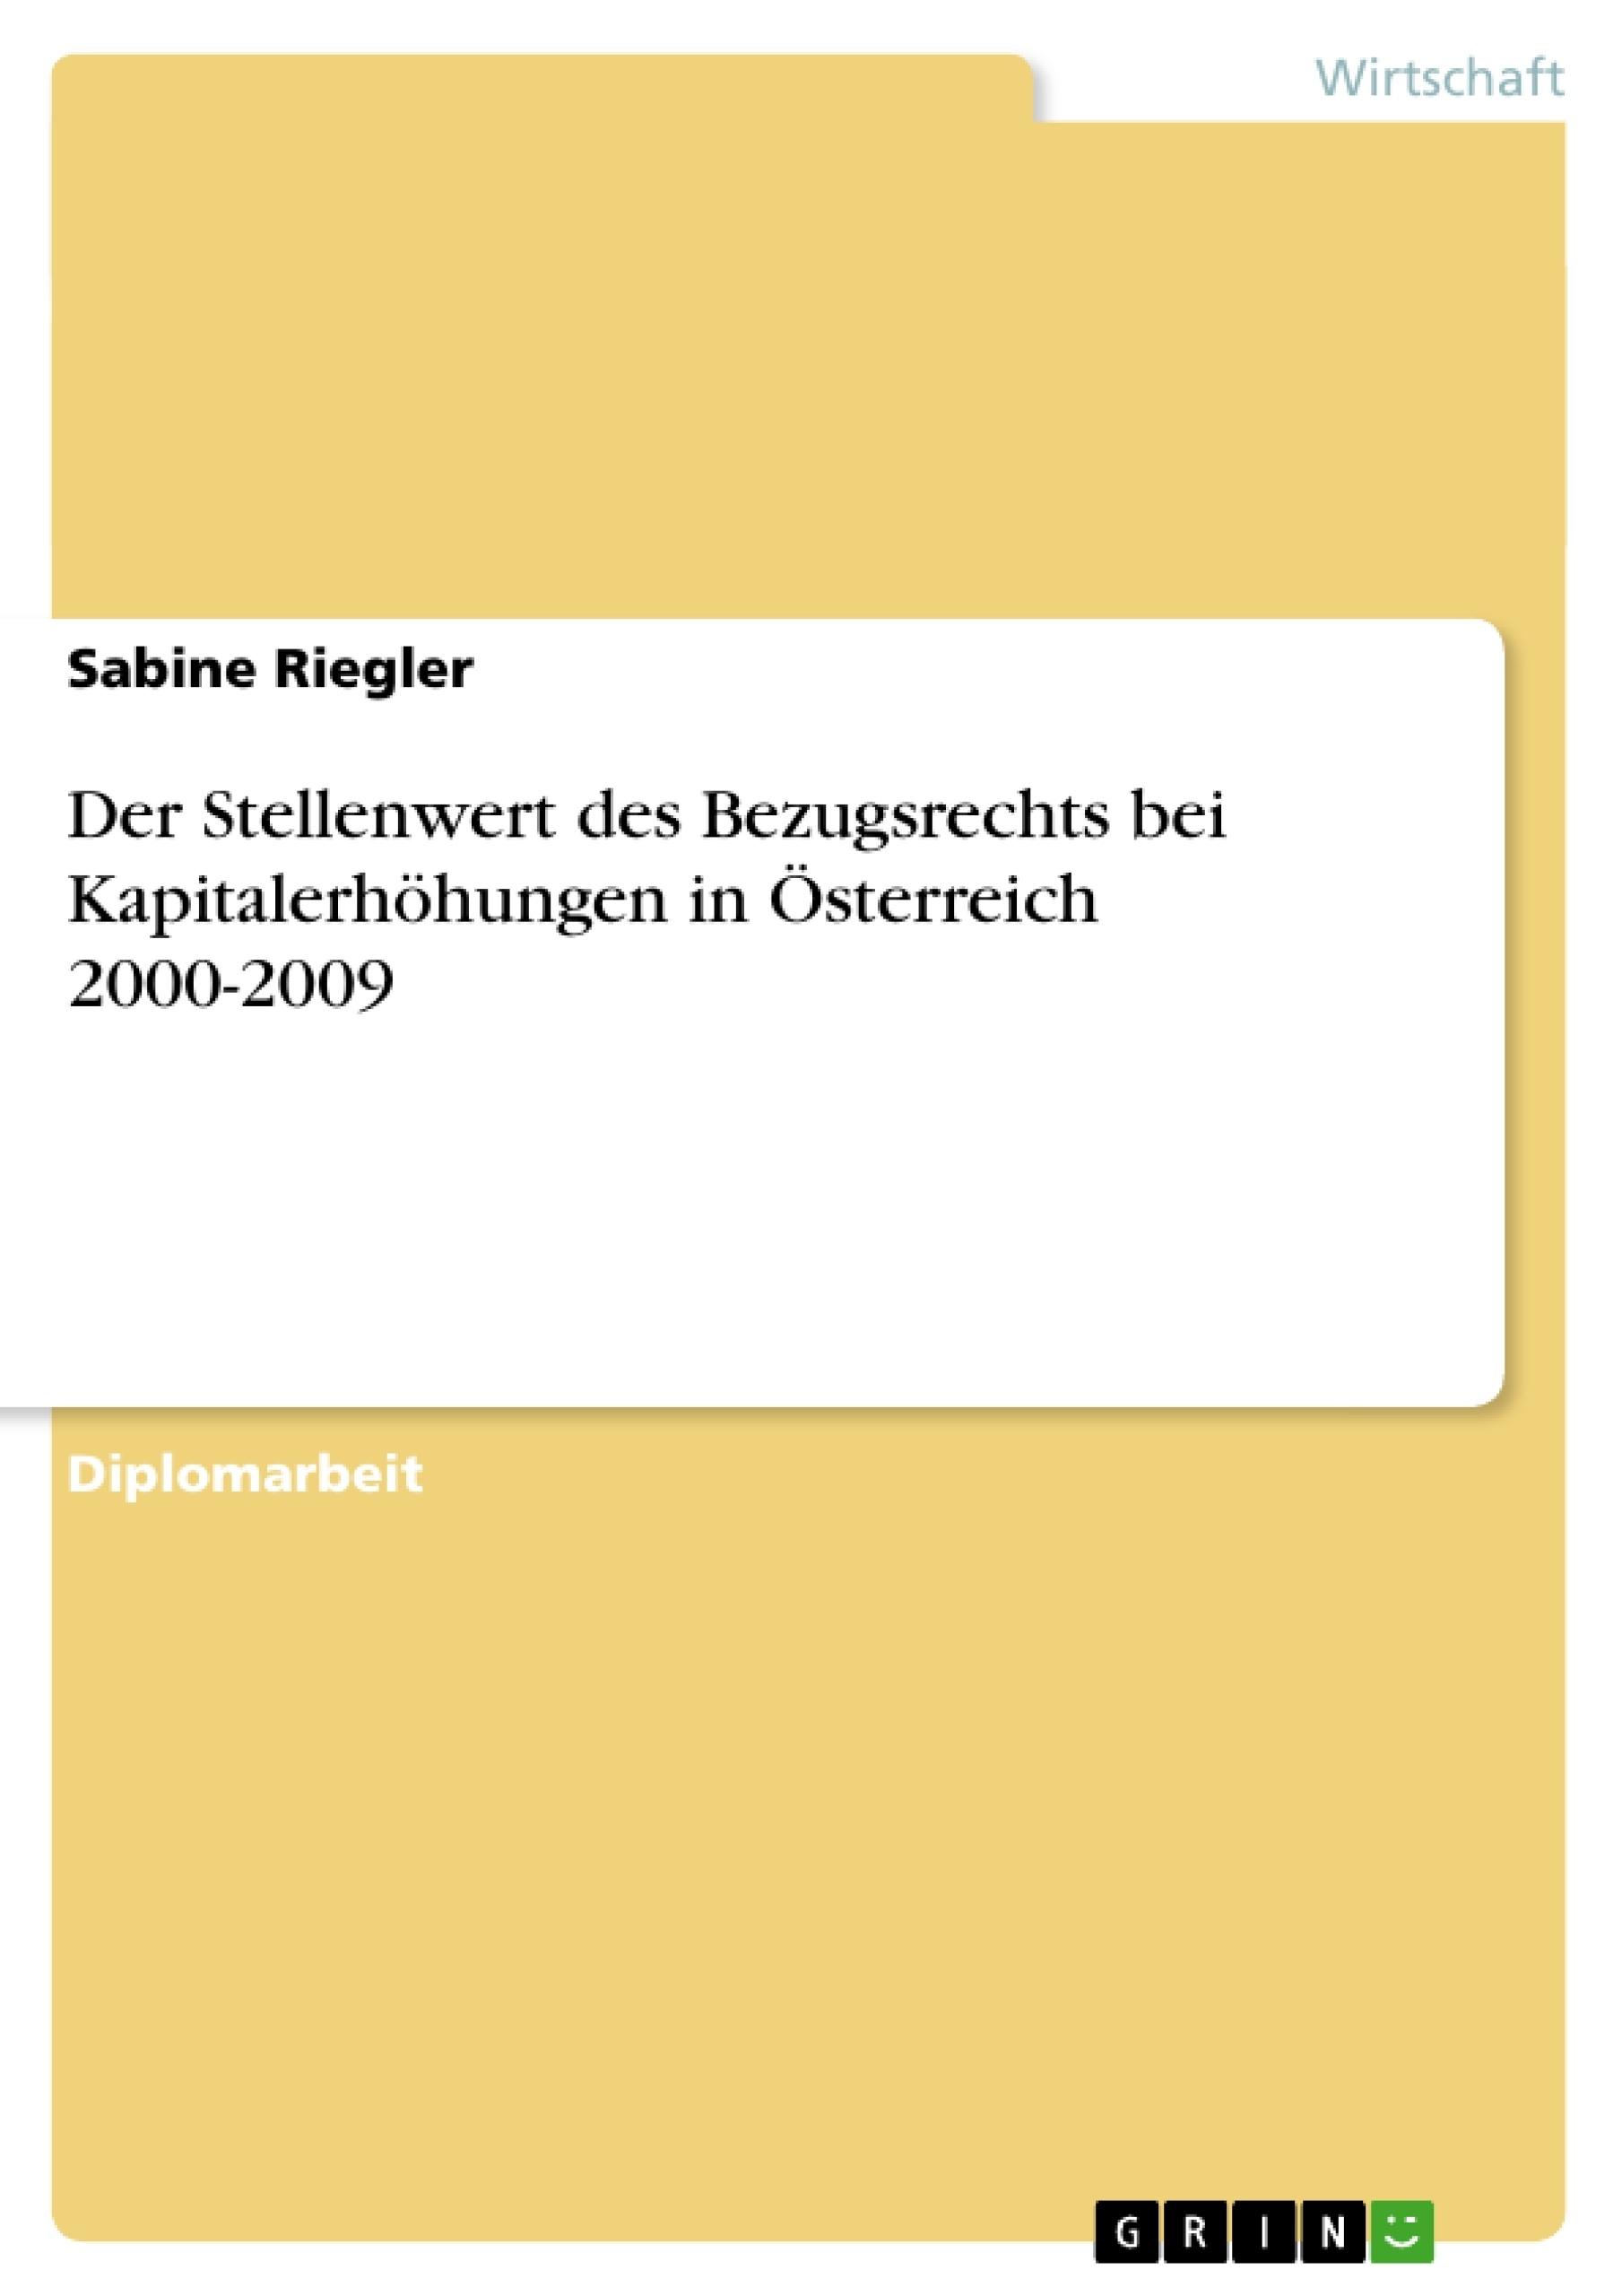 Titel: Der Stellenwert des Bezugsrechts bei Kapitalerhöhungen in Österreich 2000-2009